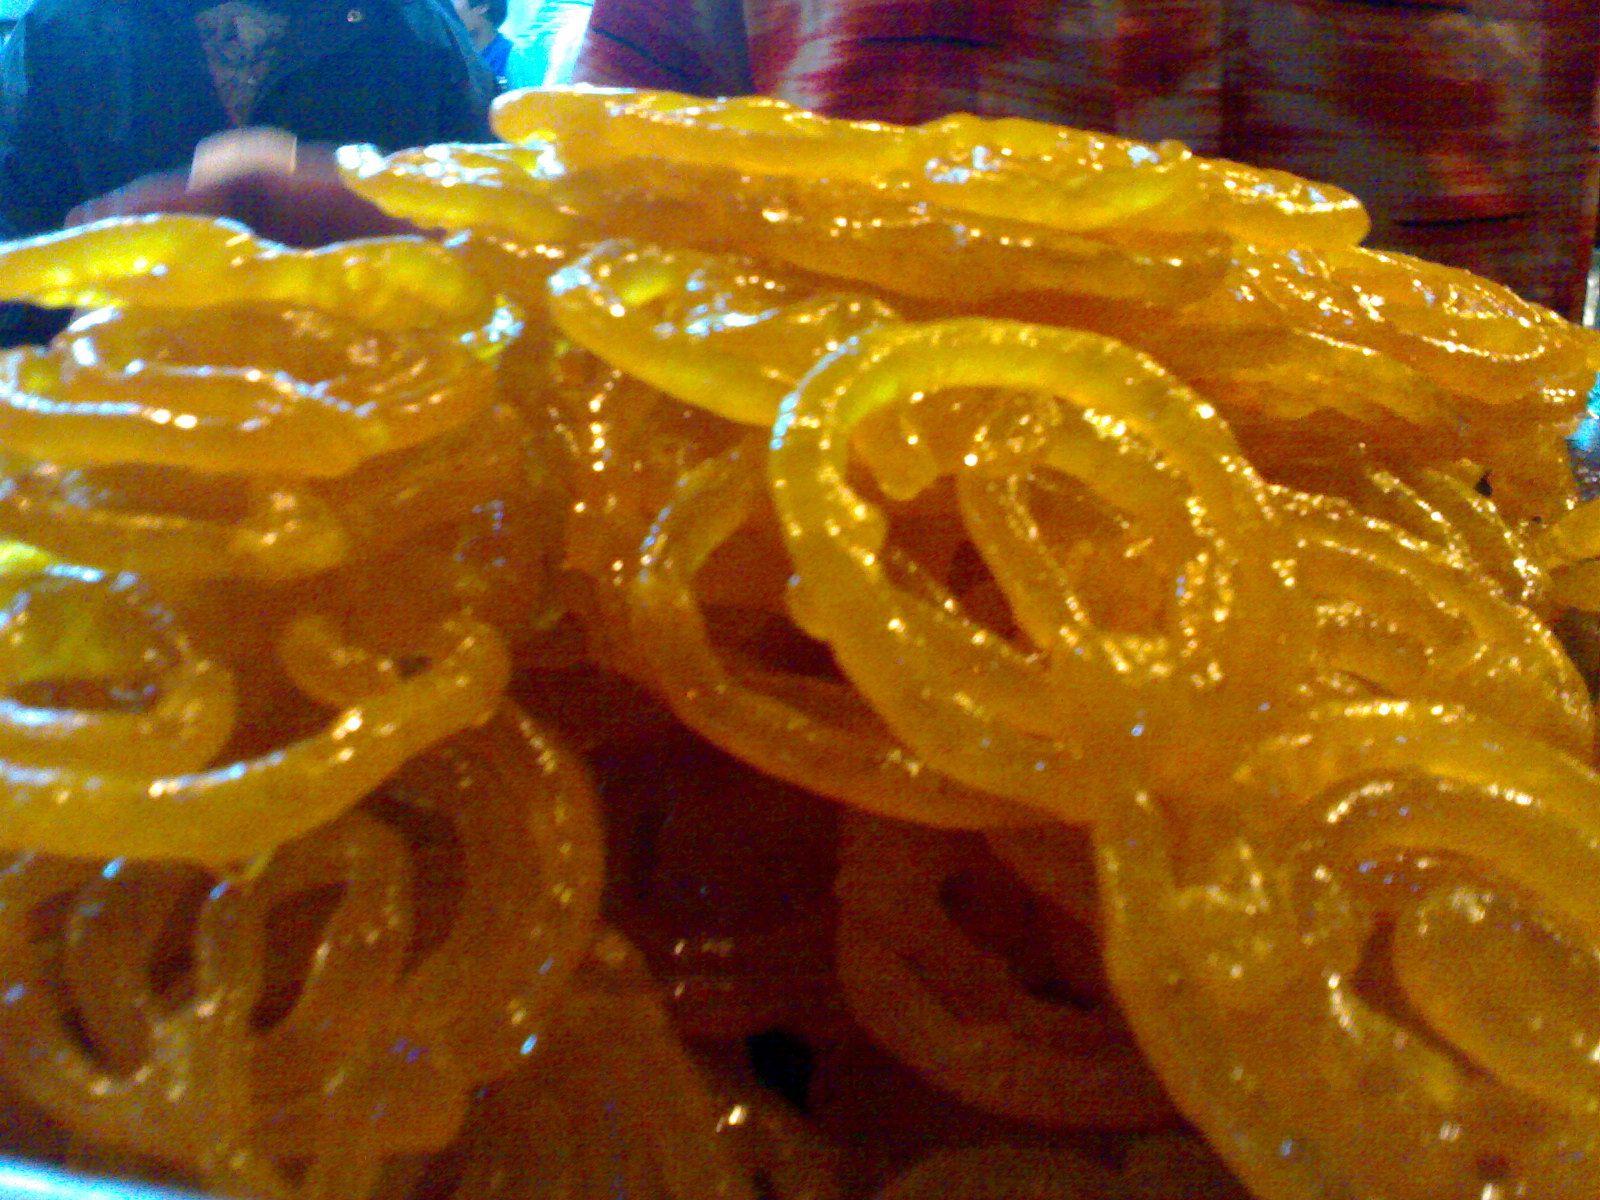 gujarati food jalebi gujarati food Food Real food recipes 1600x1200